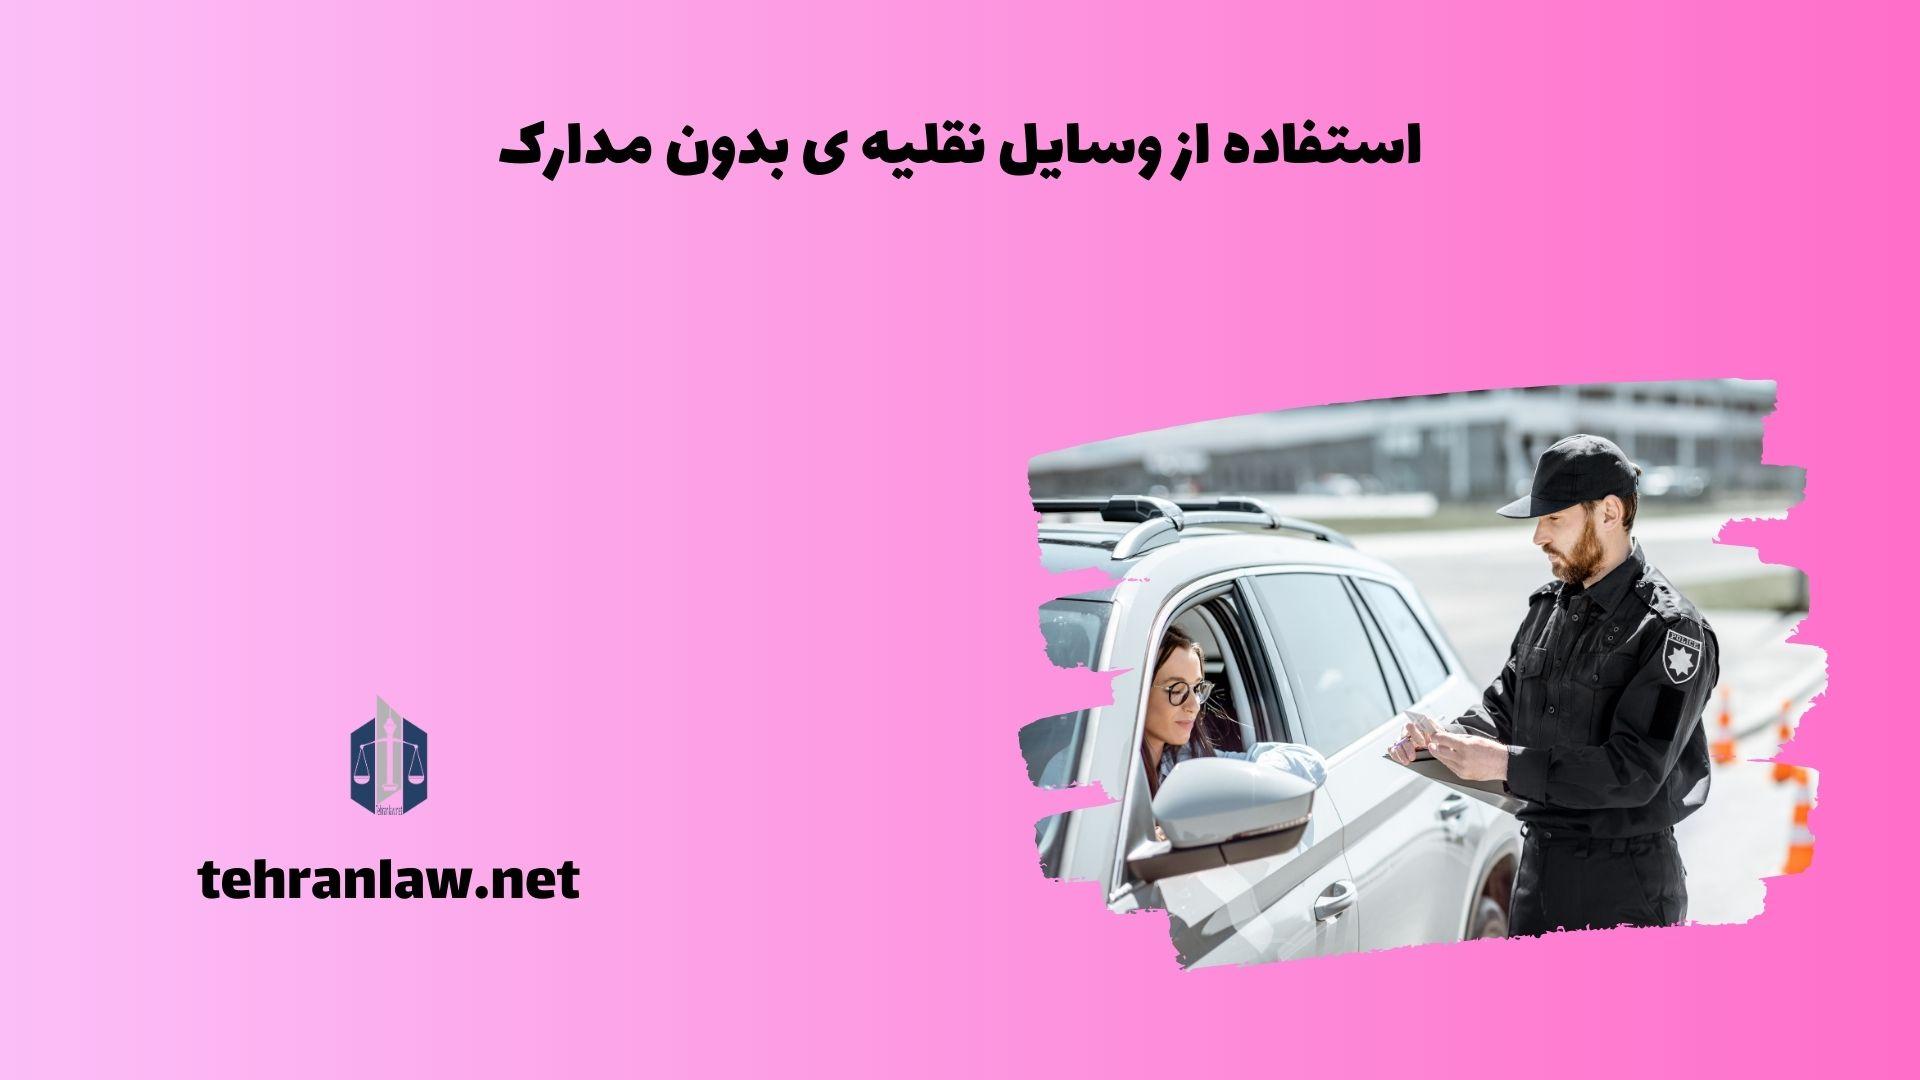 استفاده از وسایل نقلیه ی بدون مدارک